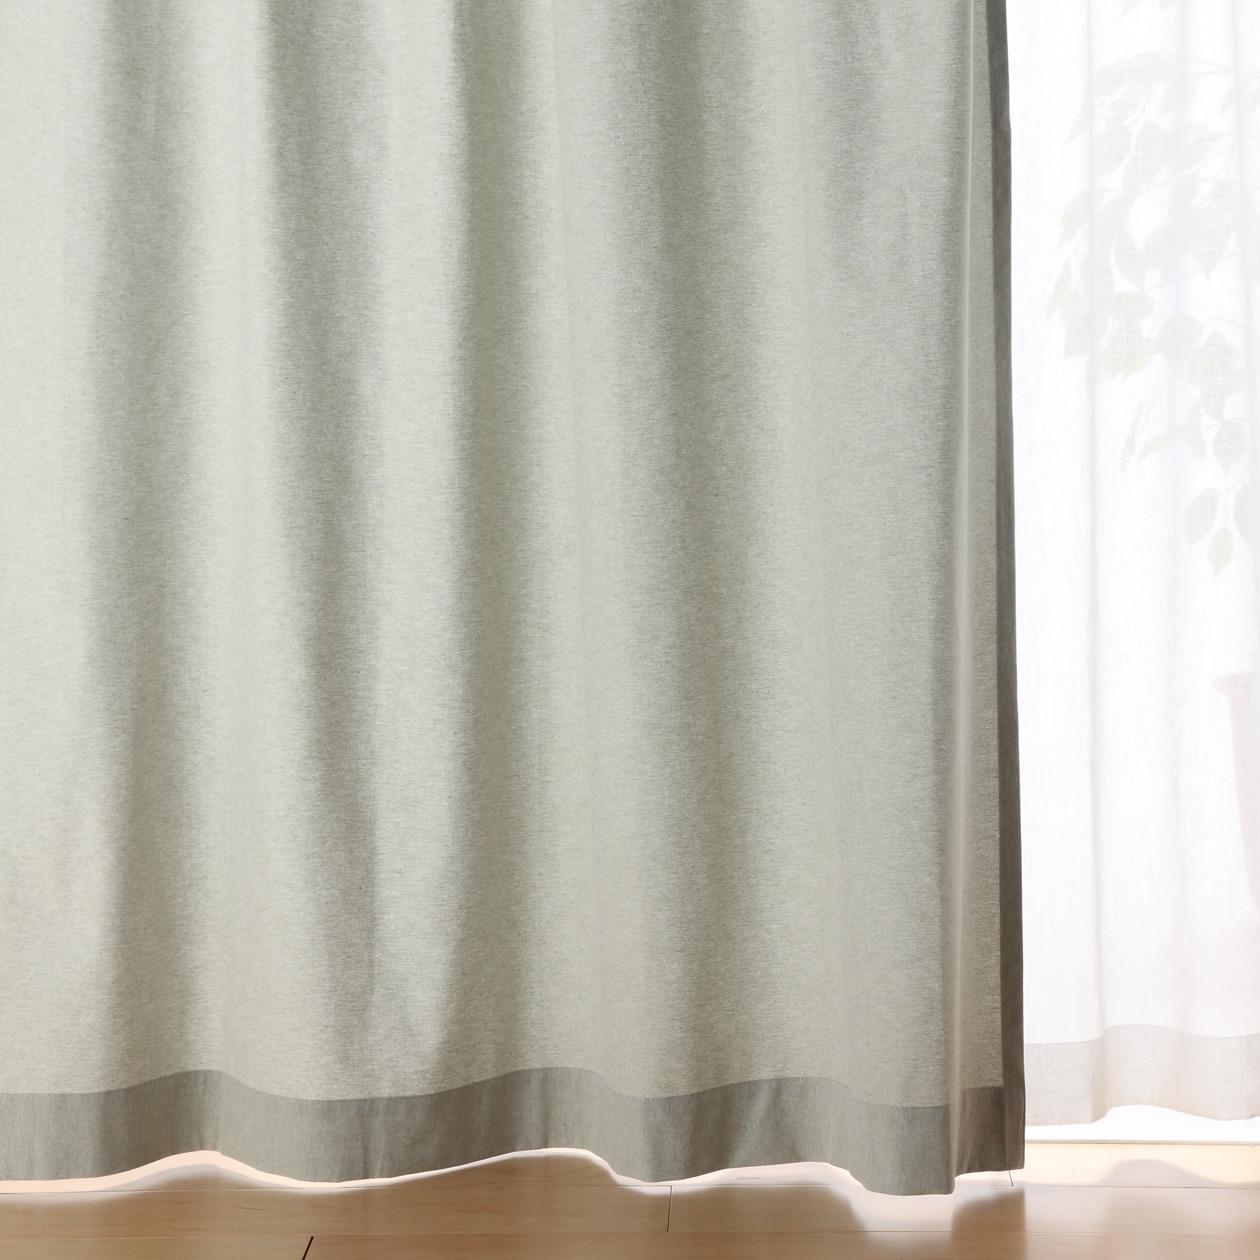 RoomClip商品情報 - 綿帆布プリーツカーテン/生成 幅100×丈105cm/グリーン